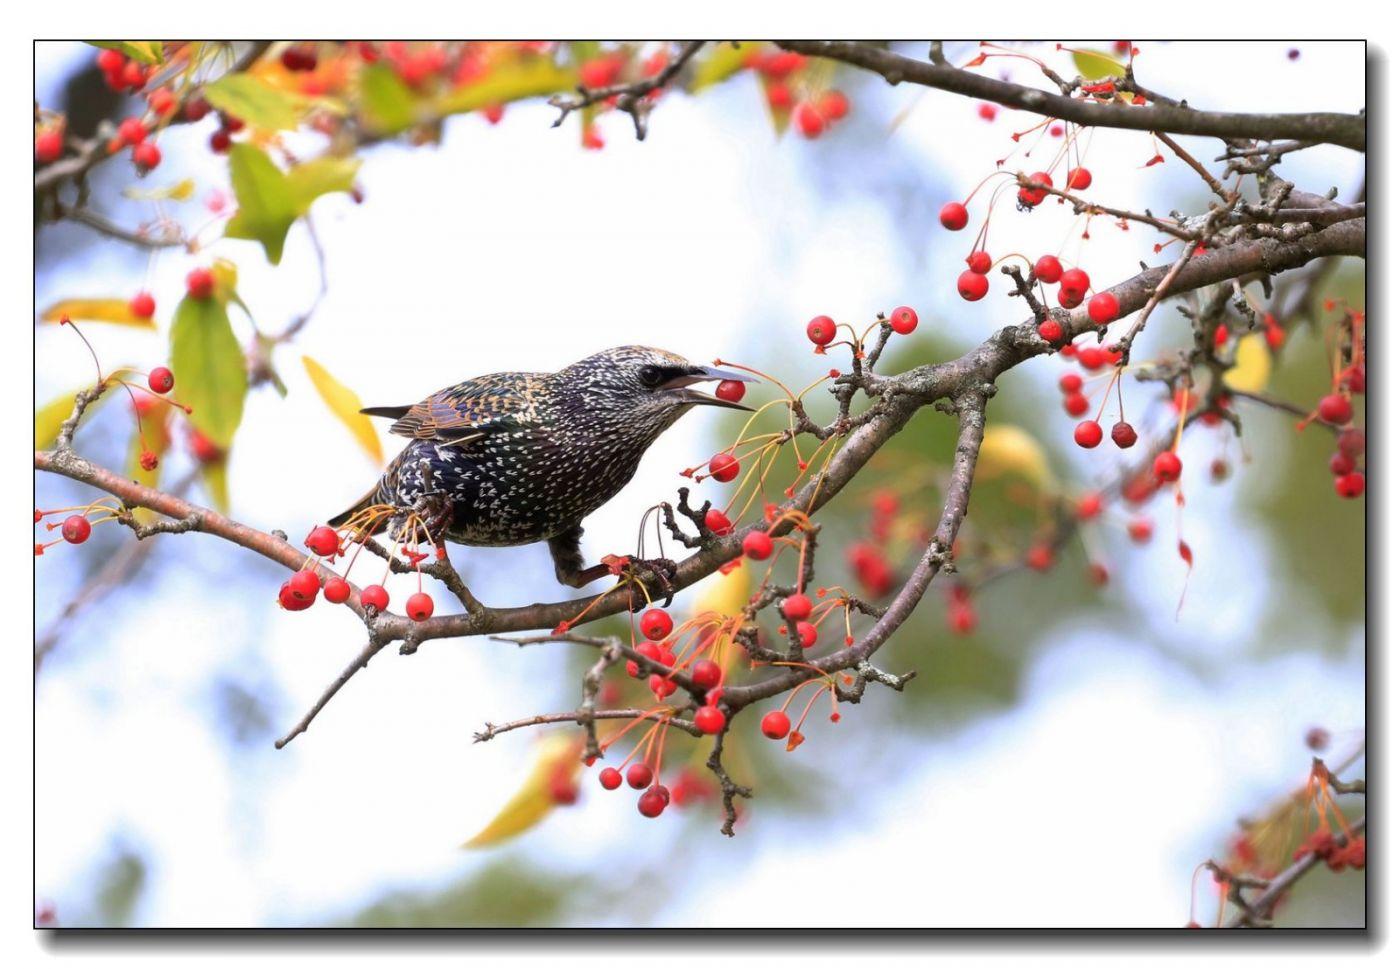 果熟鸟来图-紫翅椋鸟_图1-13